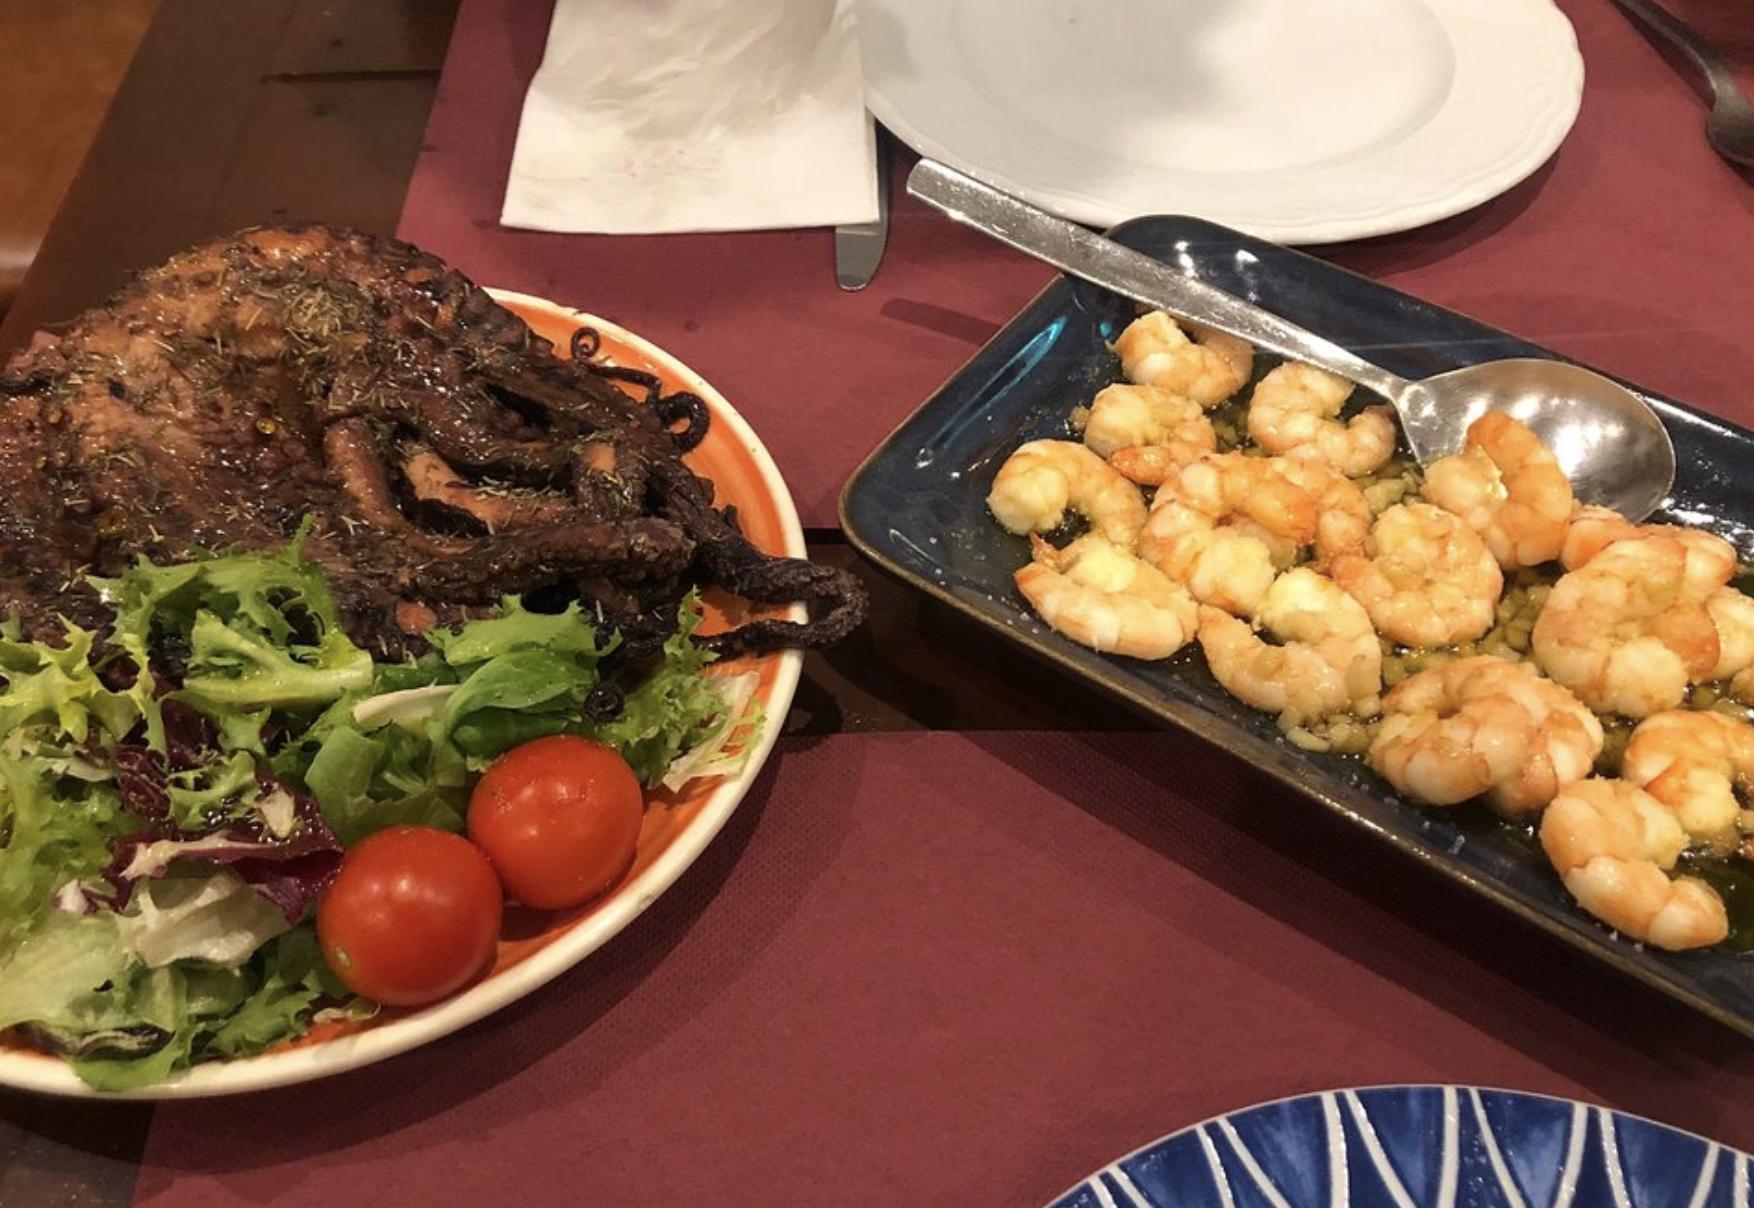 Polecane restauracje w centrum Lizbony - polski przewodnik kulinarny po Lizbonie i restauracjach 2017 co jeść w Lizbonie opis informacje restauracje Lizbona Lisbona Lisbon